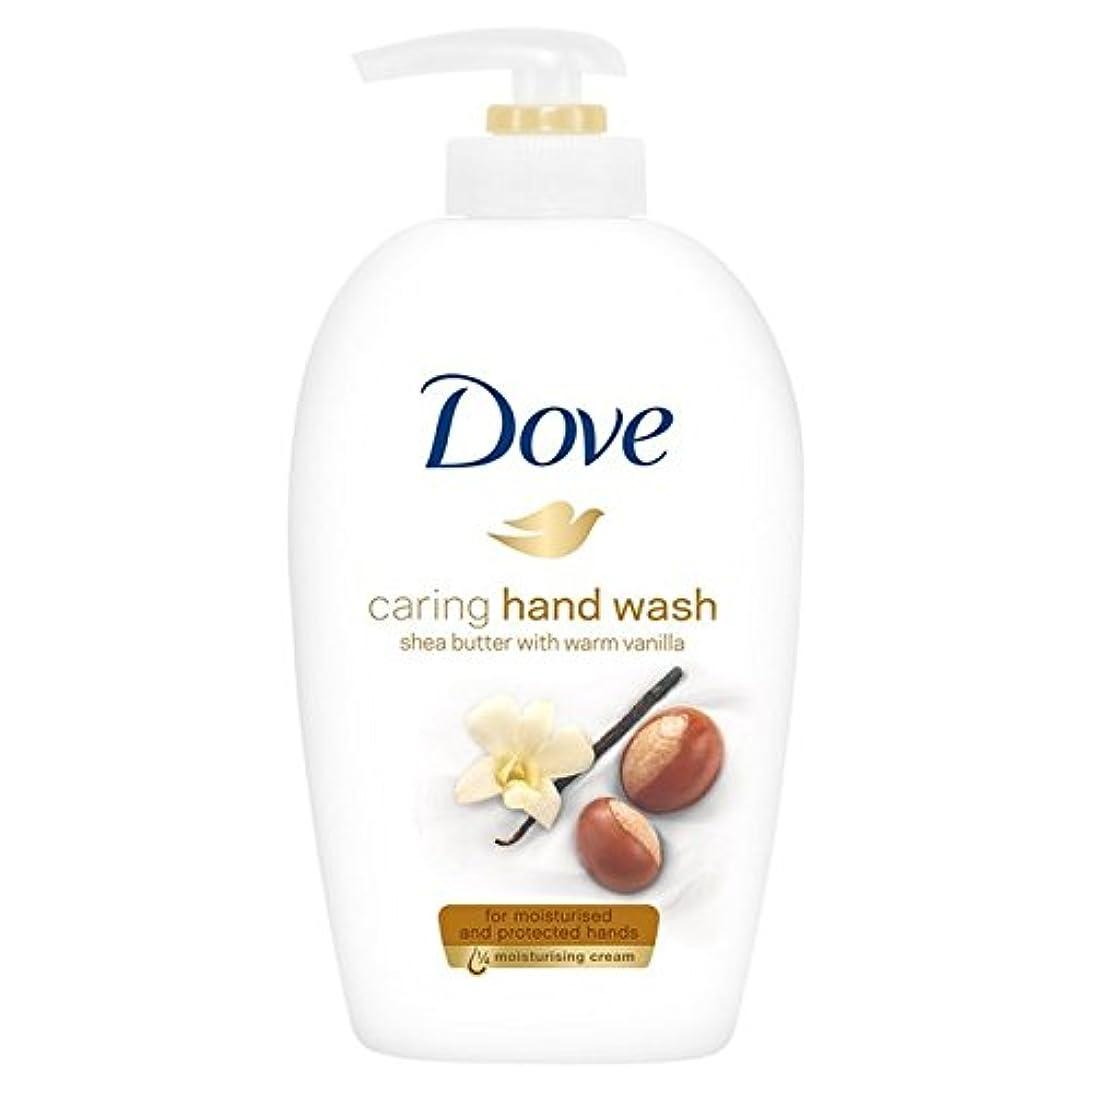 負担押す締め切りDove Purely Pampering Shea Butter Beauty Cream Wash 250ml (Pack of 6) - 鳩純粋な贅沢シアバターの美容クリームウォッシュ250ミリリットル x6 [並行輸入品]